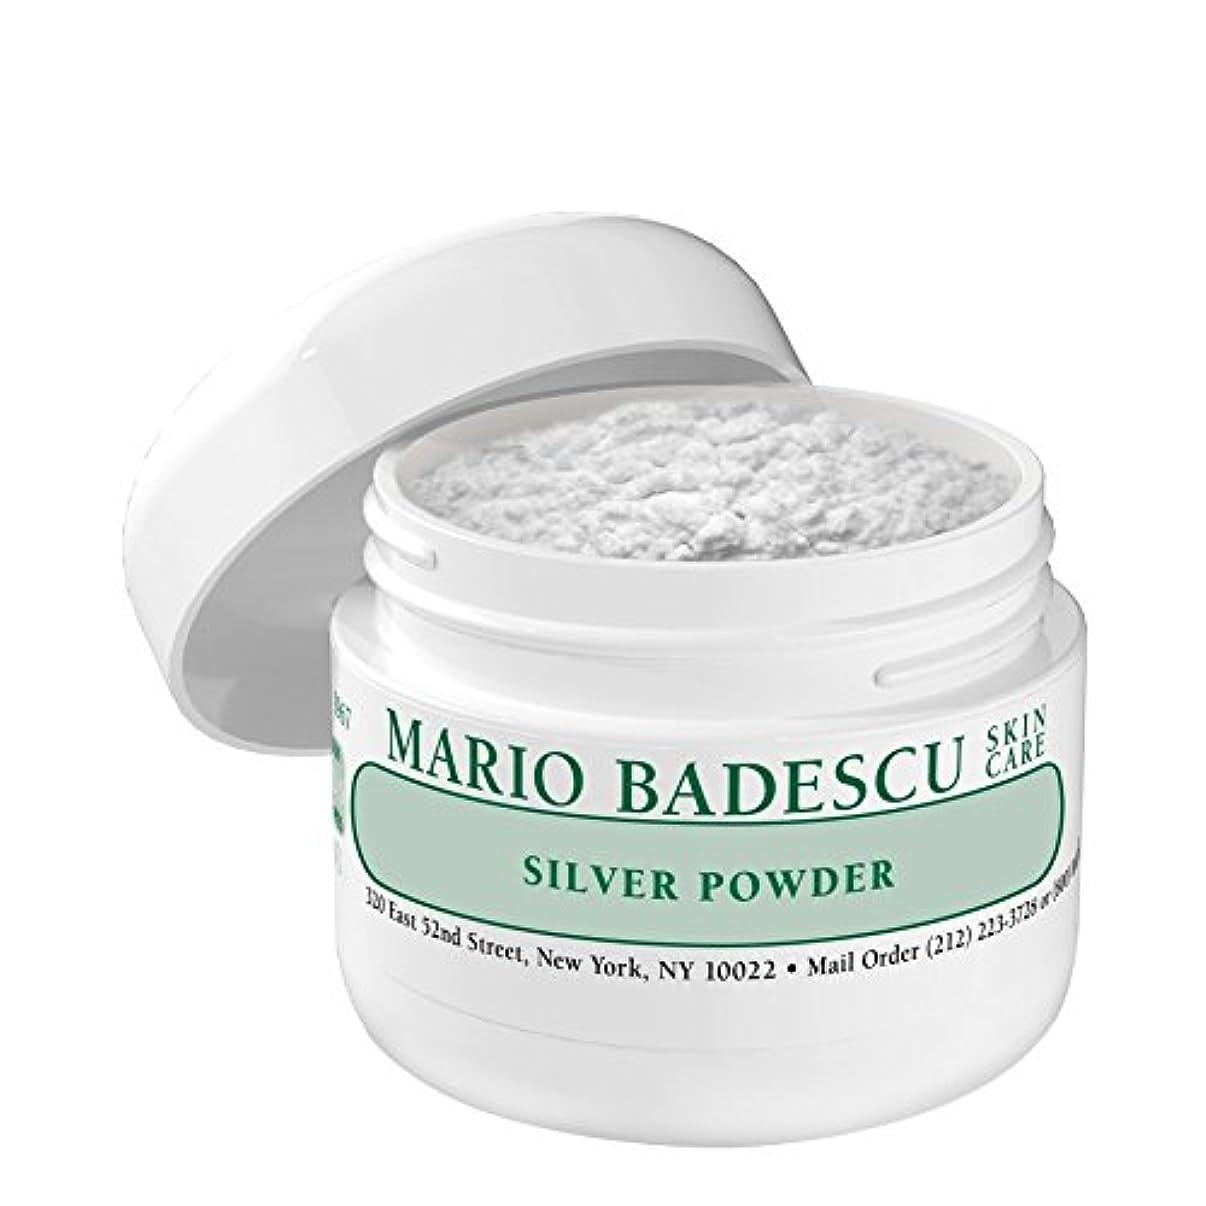 マリオ?バデスキュー銀粉末 x4 - Mario Badescu Silver Powder (Pack of 4) [並行輸入品]